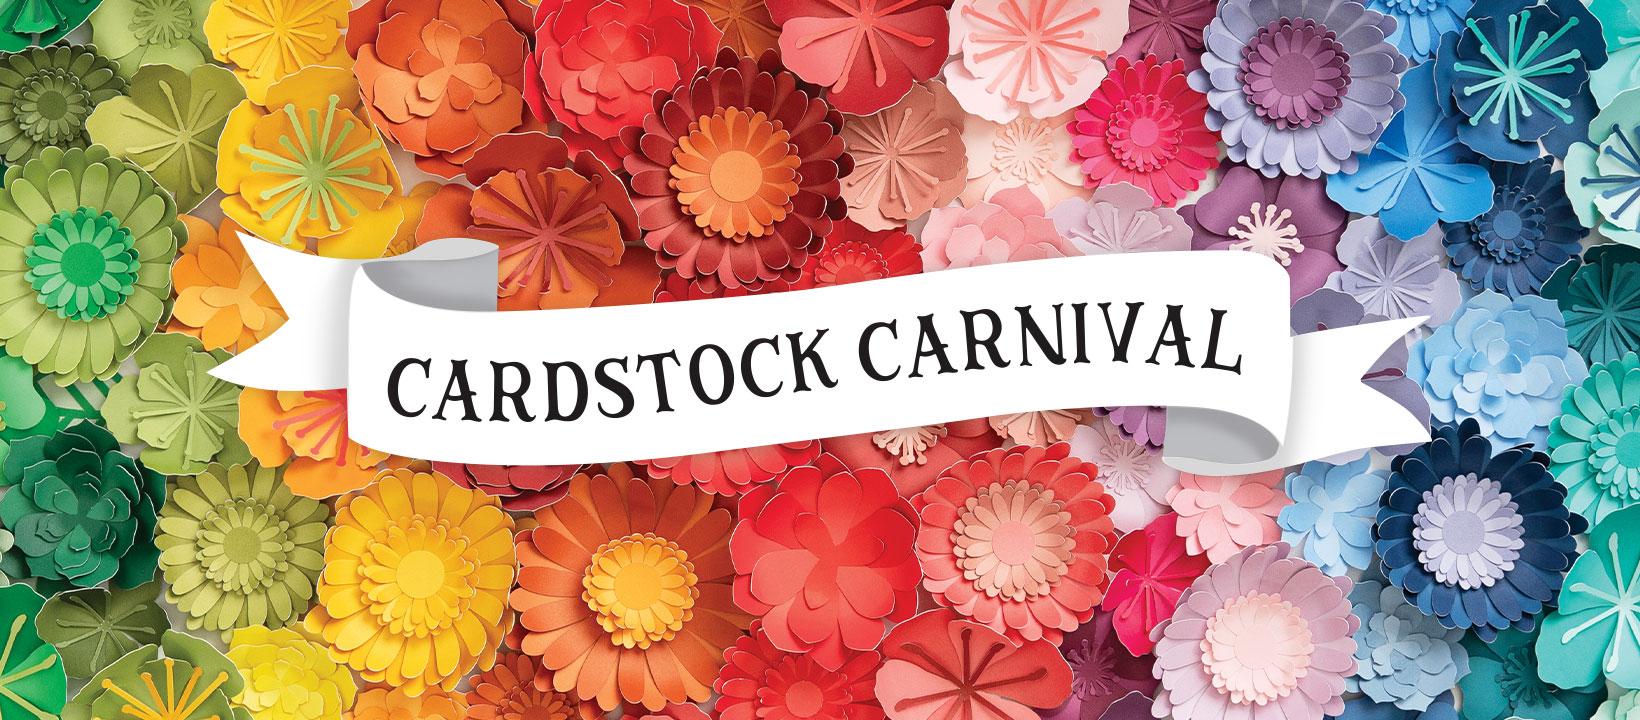 2103-sp-cardstock-carnival-fb